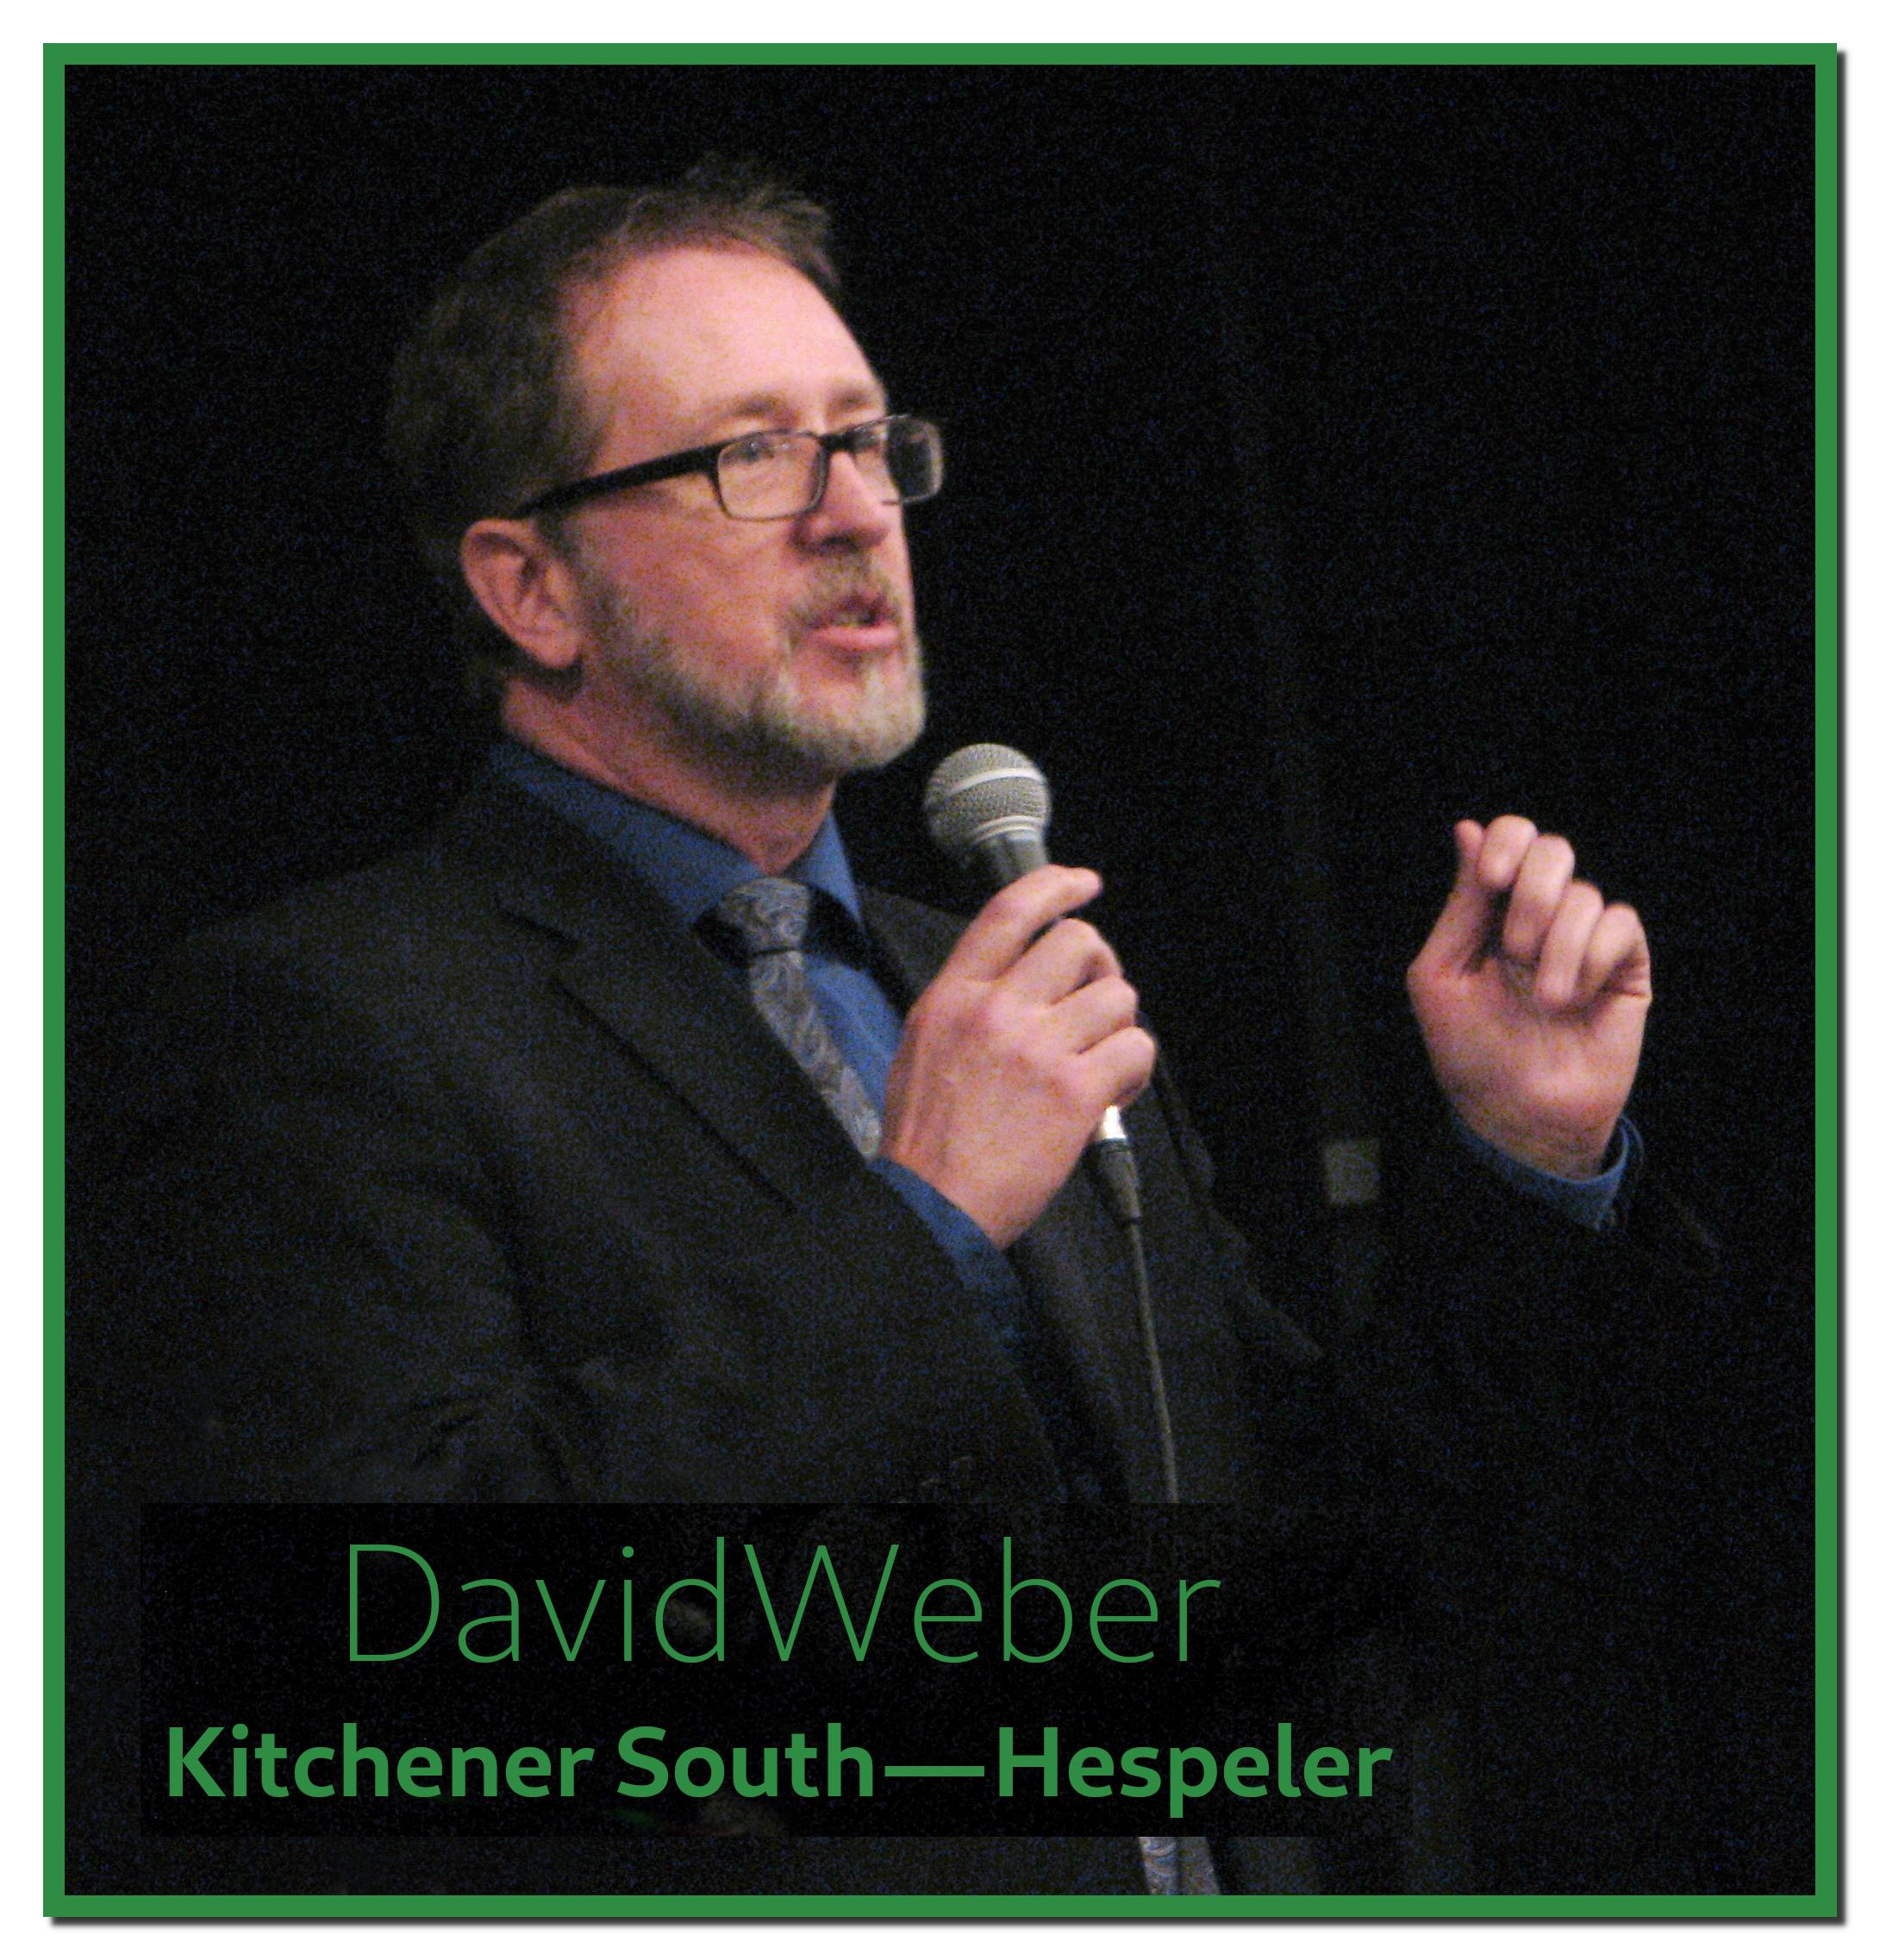 David Weber, Kitchener South—Hespeler Candidate makes his case